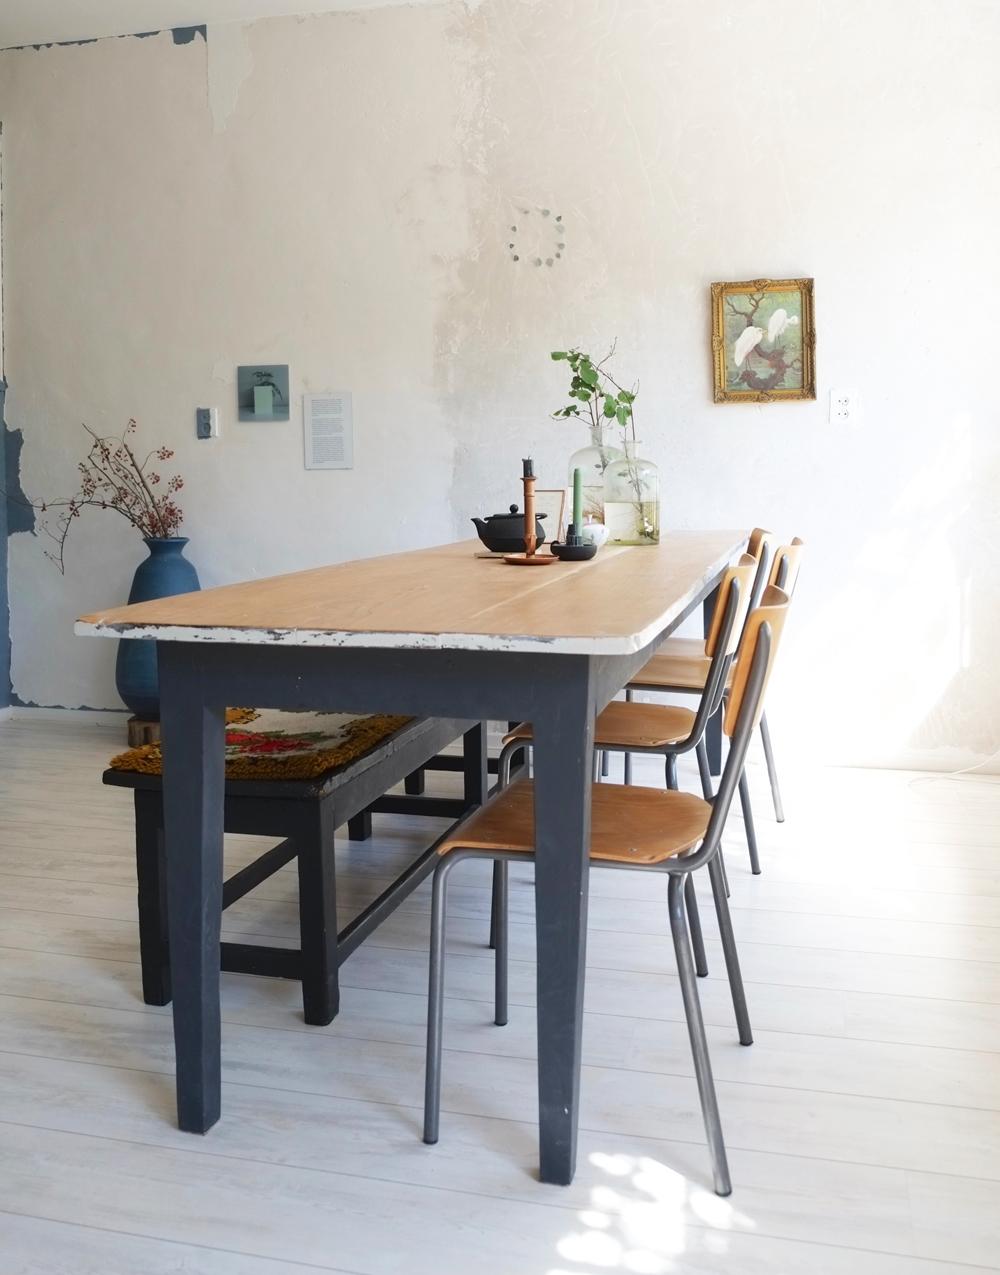 Betonlook, kleur of fris wit? - Pimpelwit Interieur ...